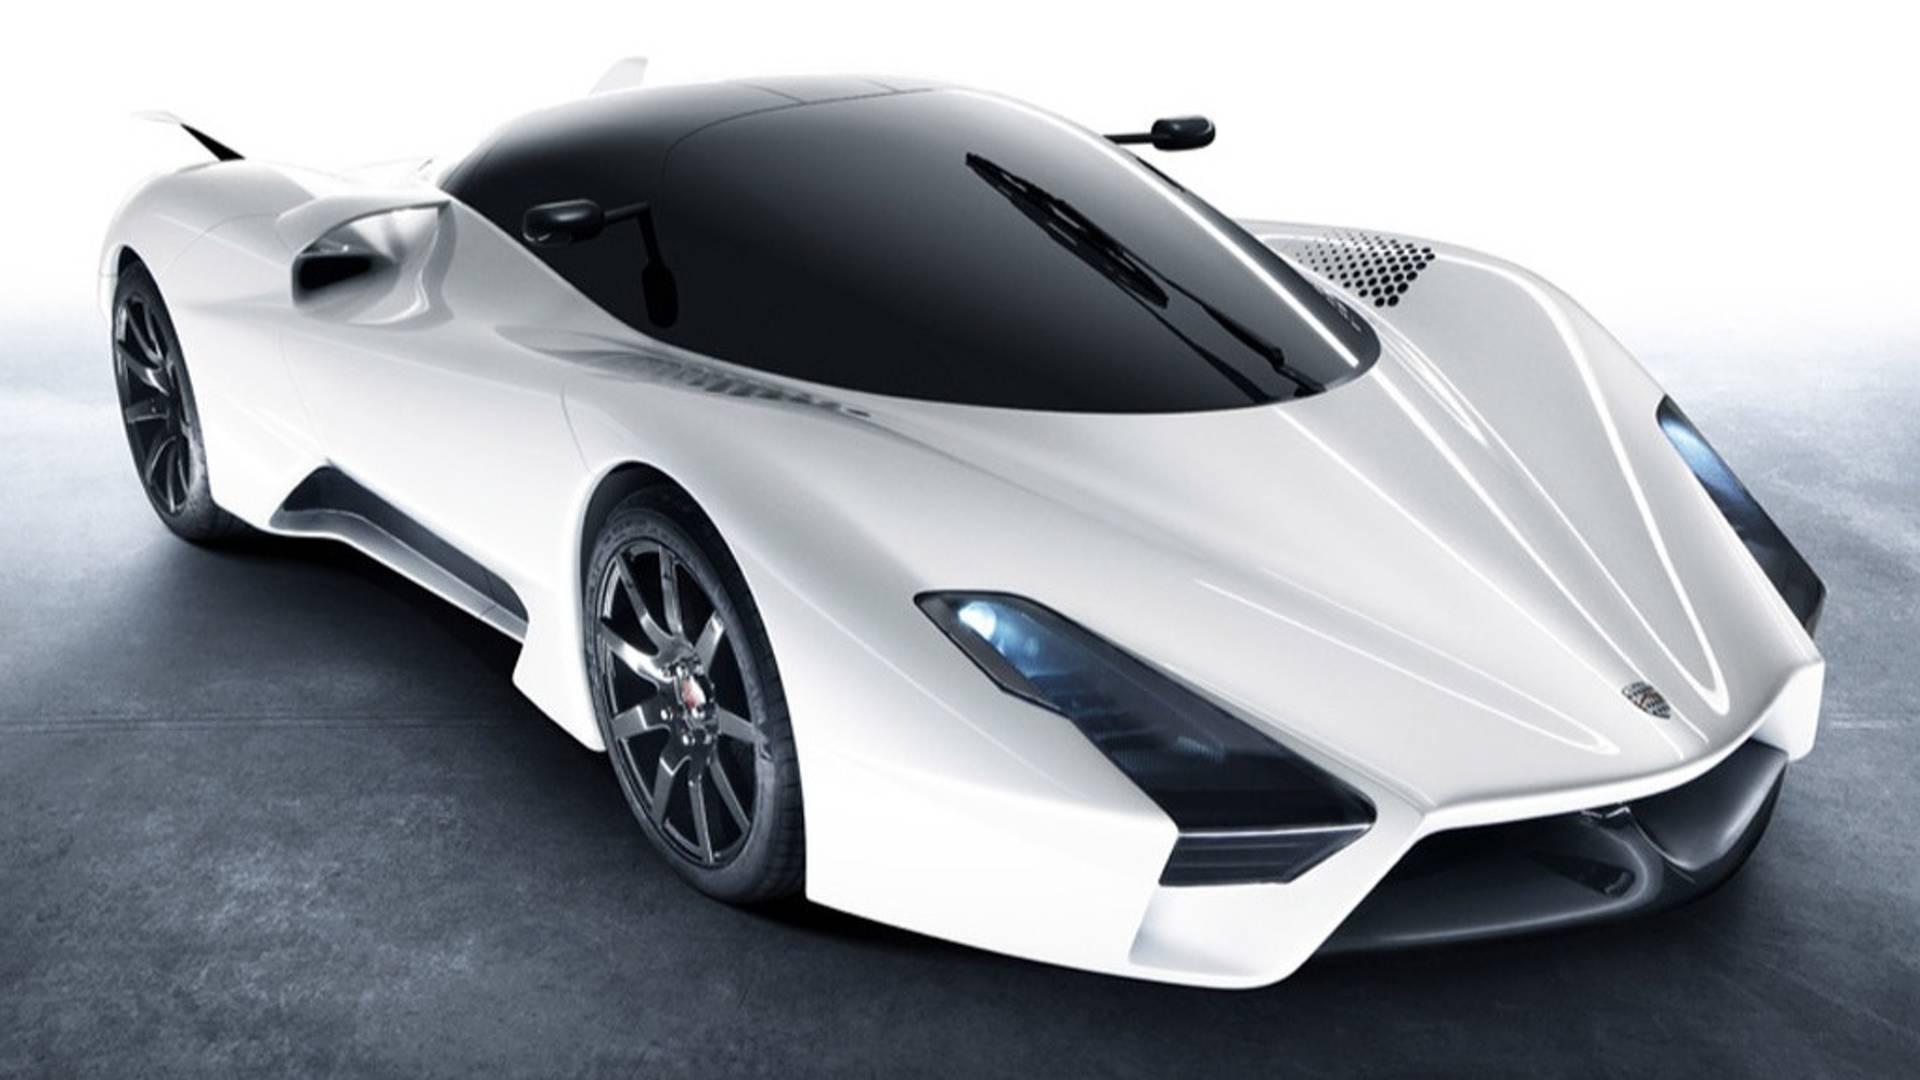 而ssc又曾经造出保持很多年最快量产车的ultimate aero车型,所以,我敢